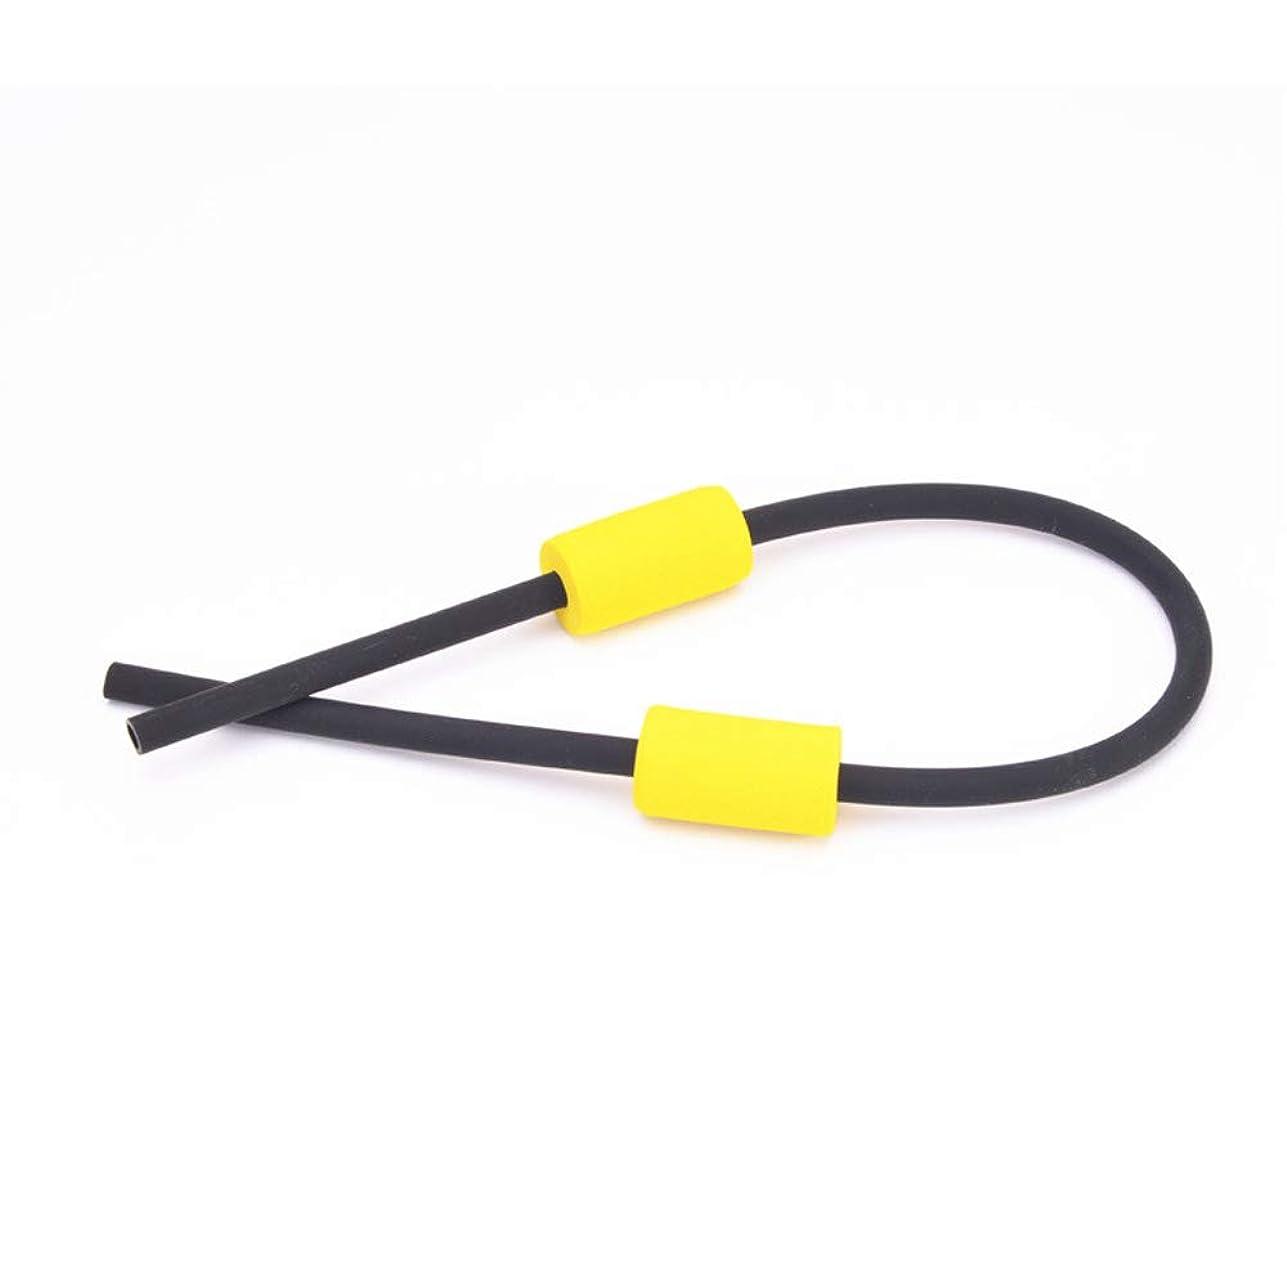 交換可能シェフ外国人スポーツダイビング眼鏡ロープコードサングラスストリングストラップホルダーサングラスチェーン メガネチェーン 眼鏡コード メガネストラップ 快適 軽量 調節可能 男女兼用